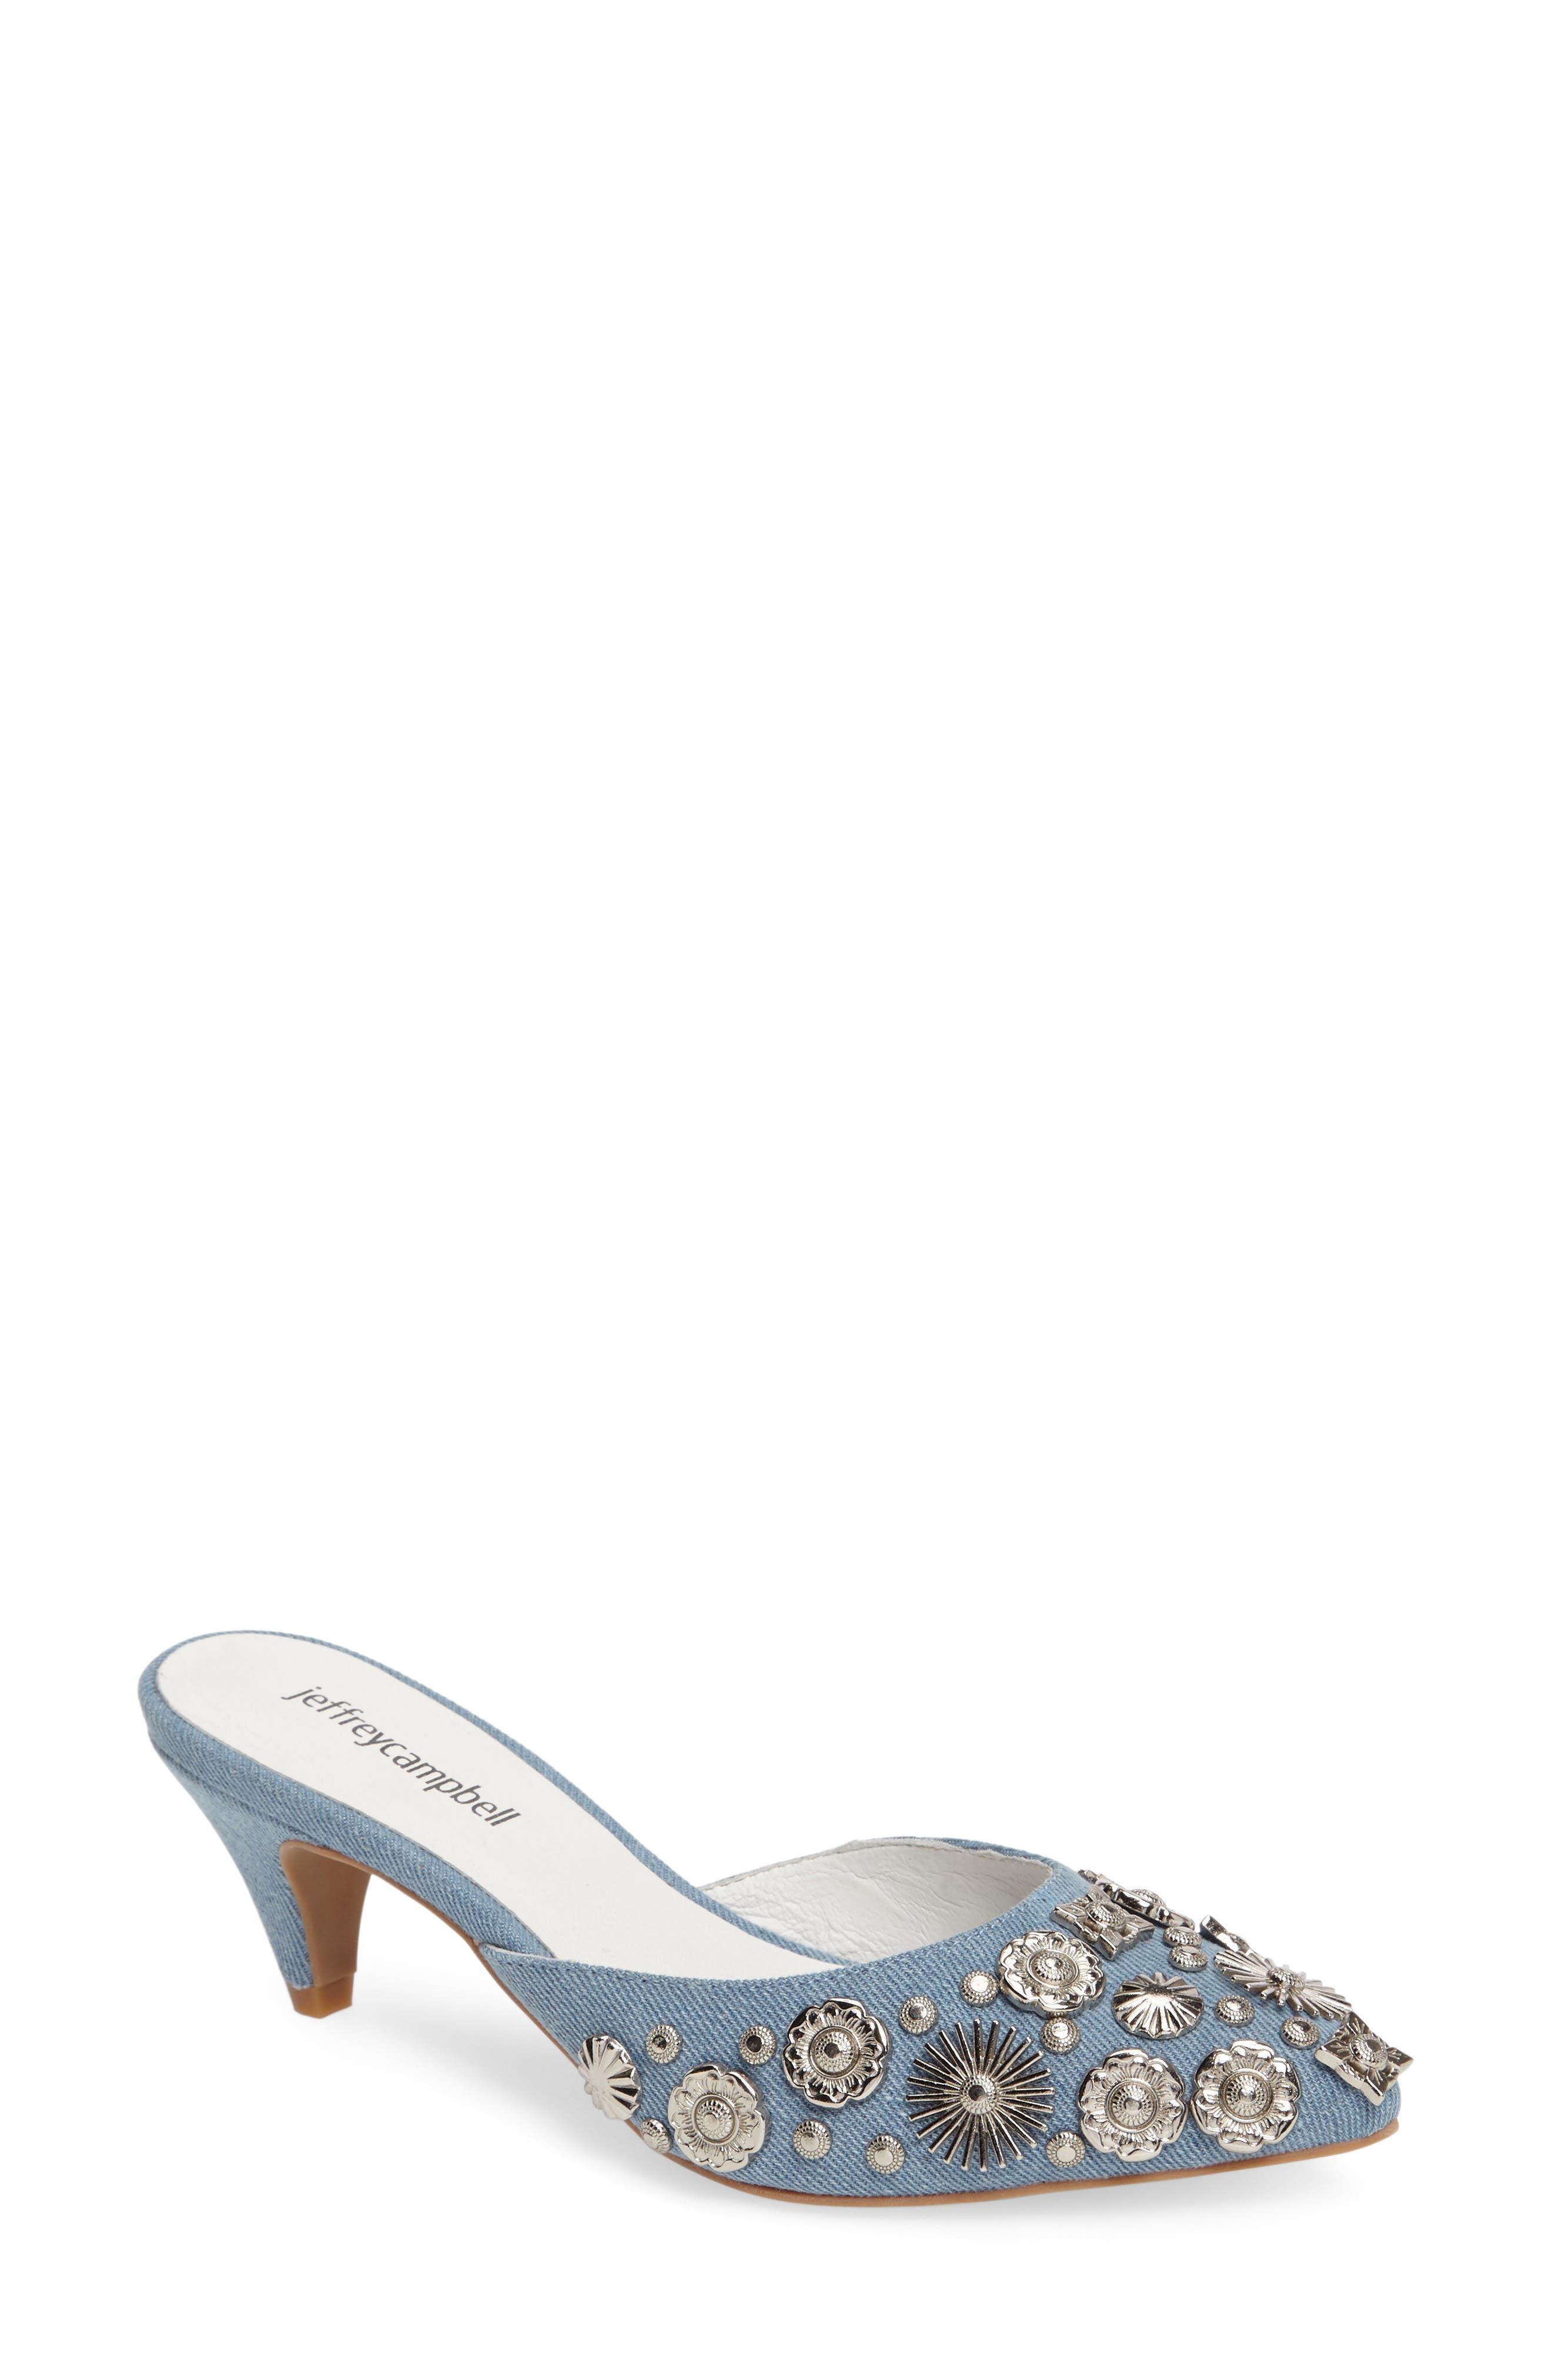 Jena Slide Sandal,                         Main,                         color, 425